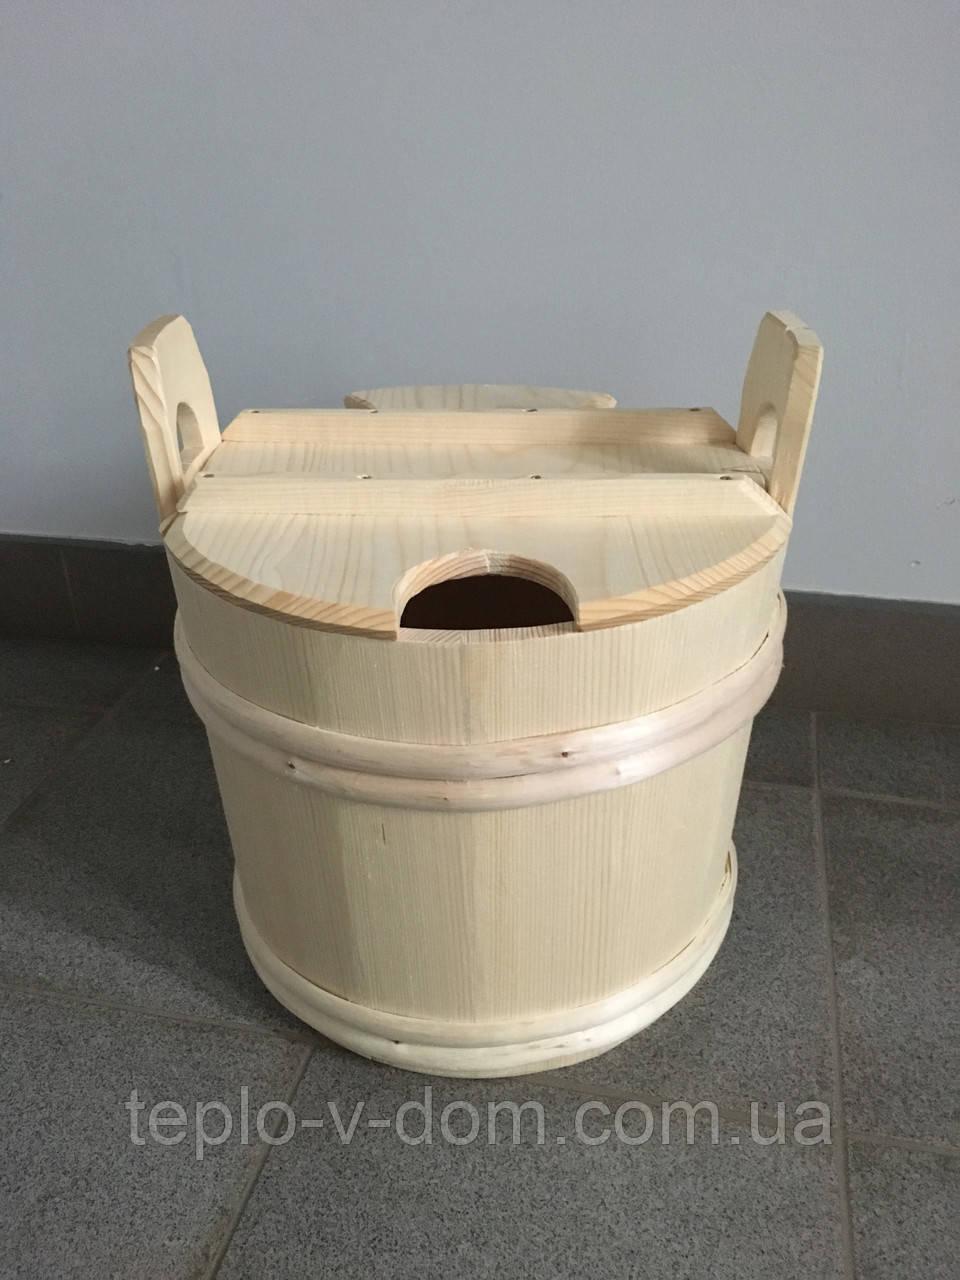 Ведро - запарник для веников в баню 15 л.